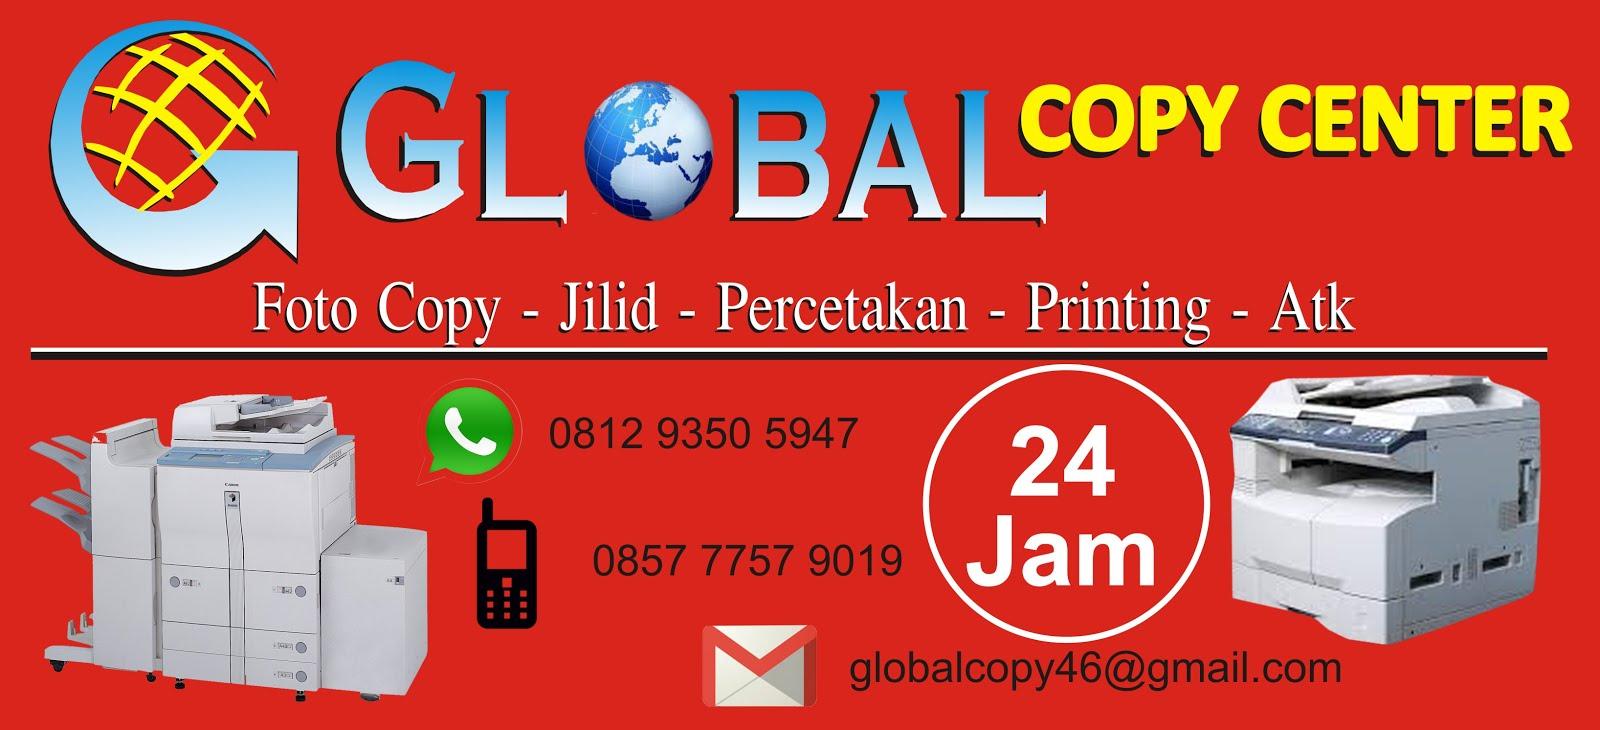 Global » Jasa Fotocopy & Printing Murah 24 Jam di Jakarta